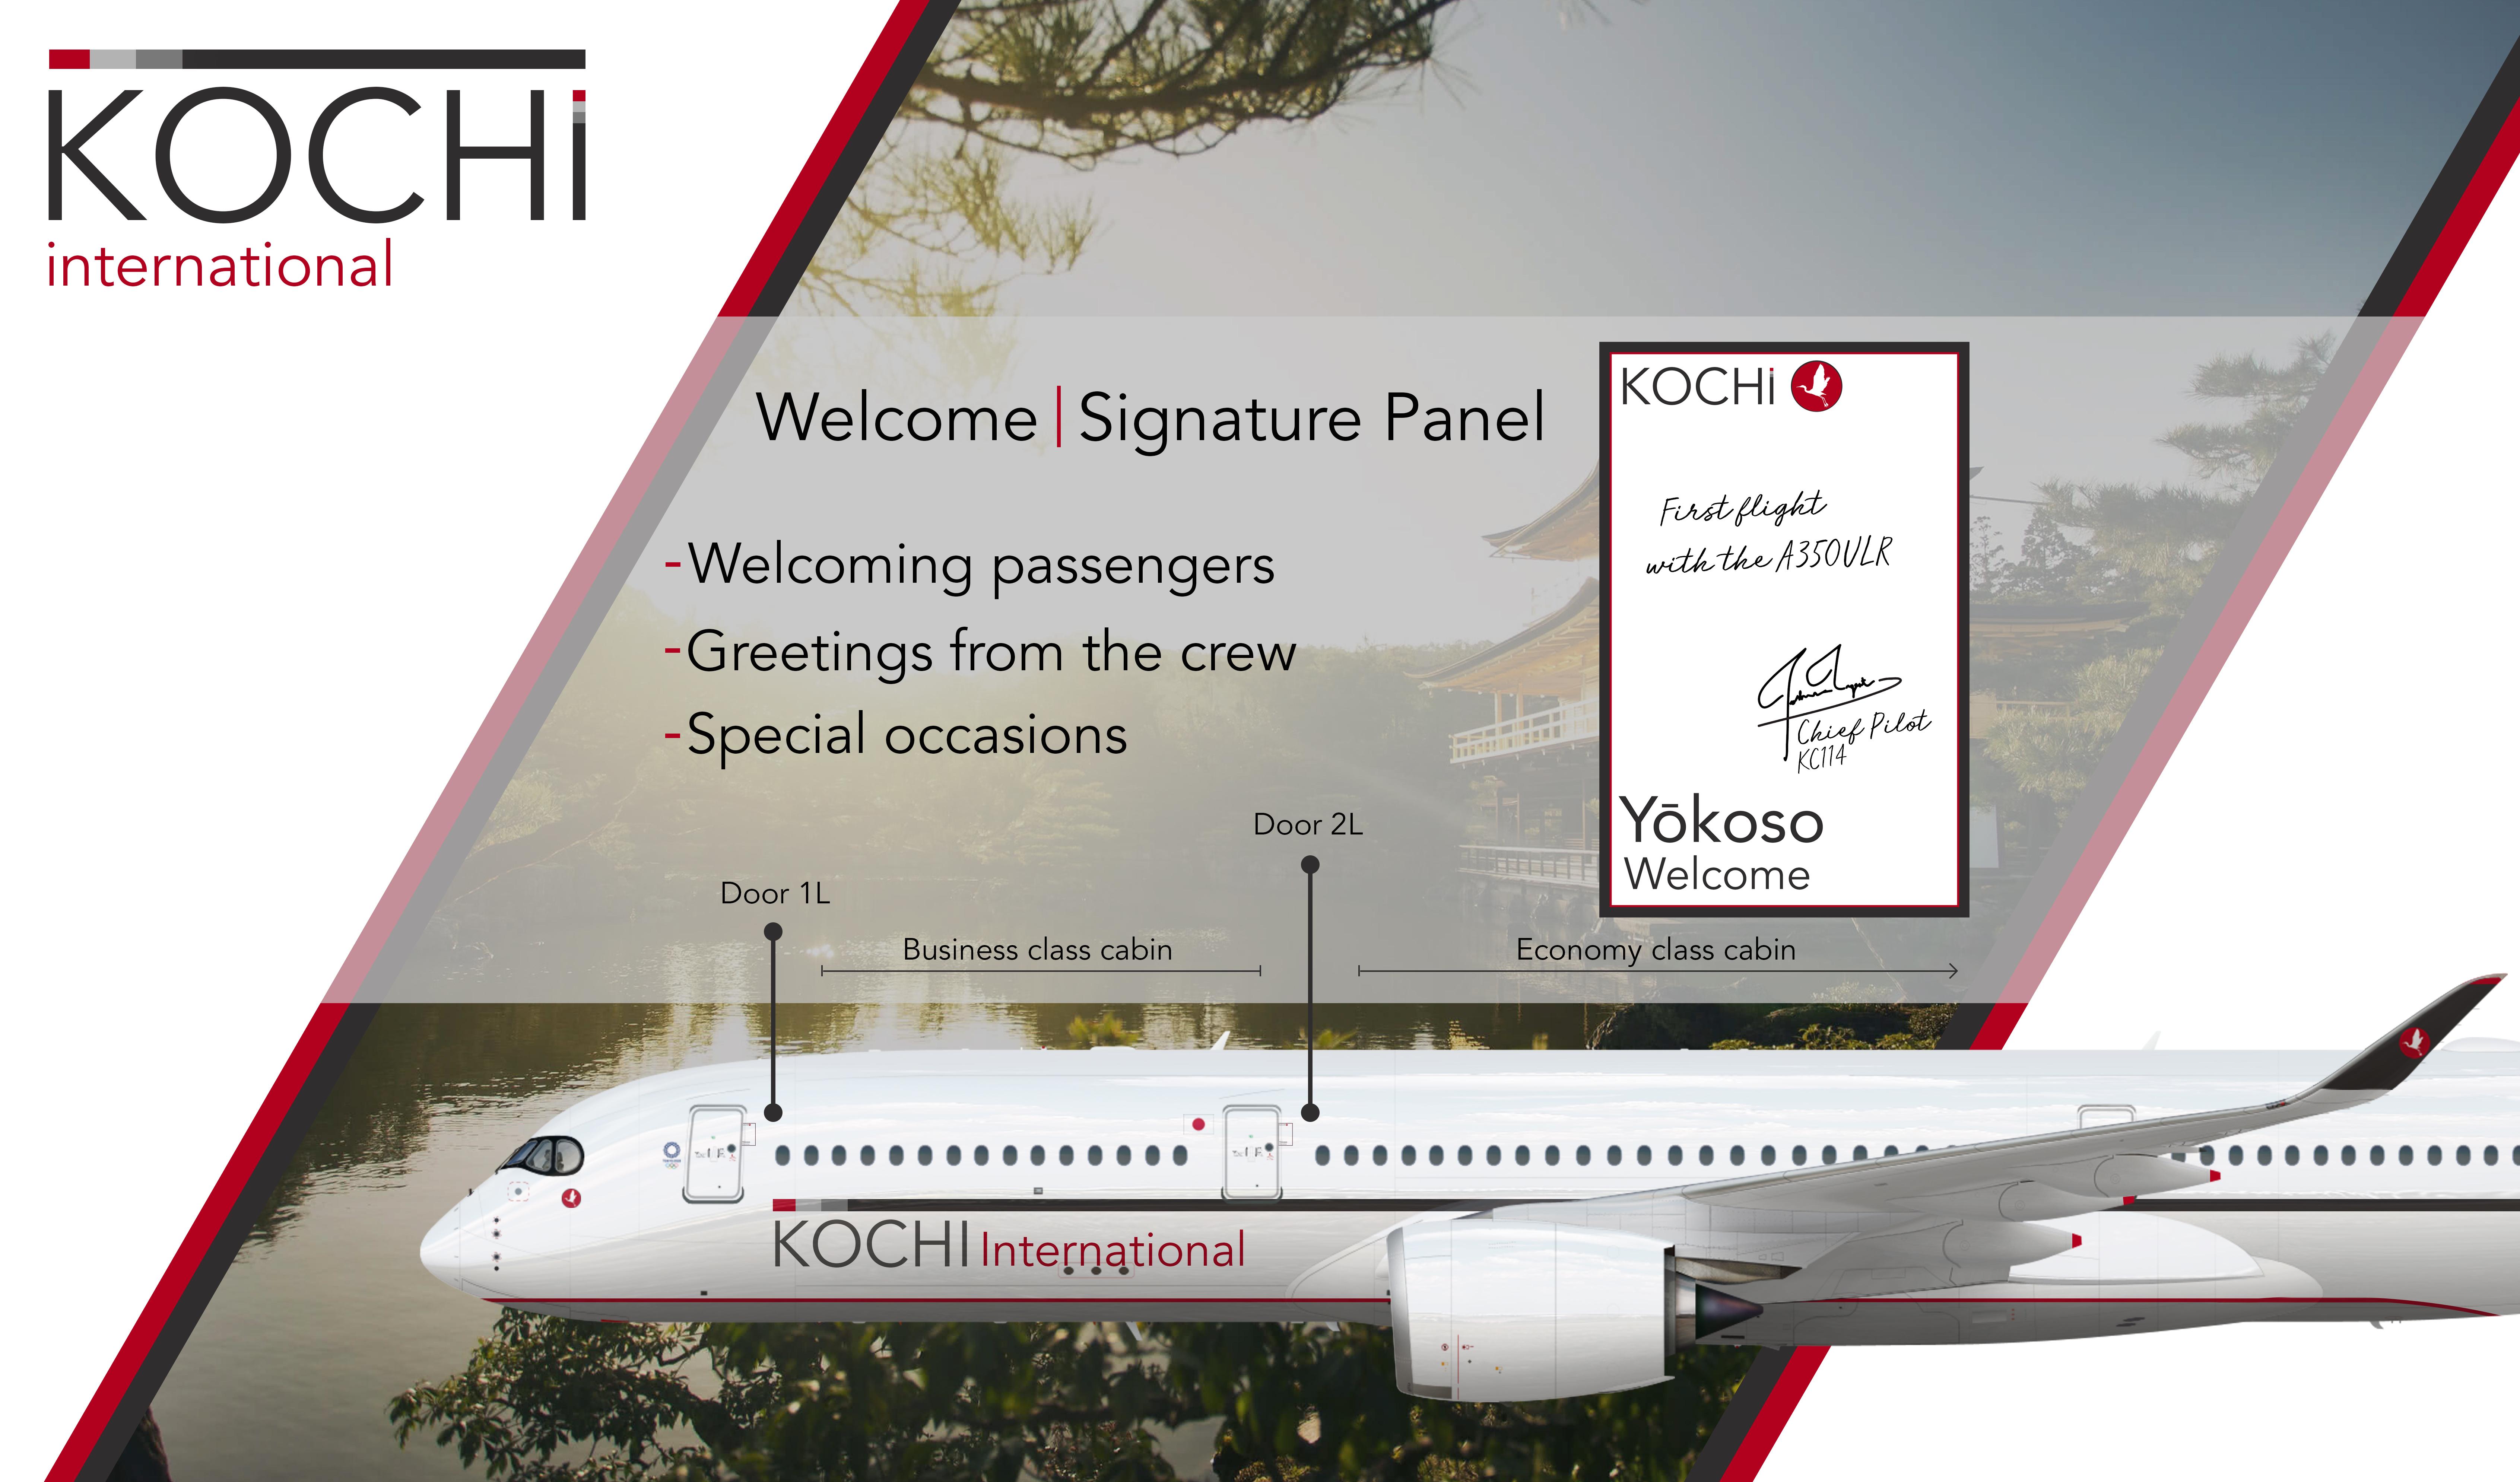 Door-Panel-advert-A350-ULR.jpg